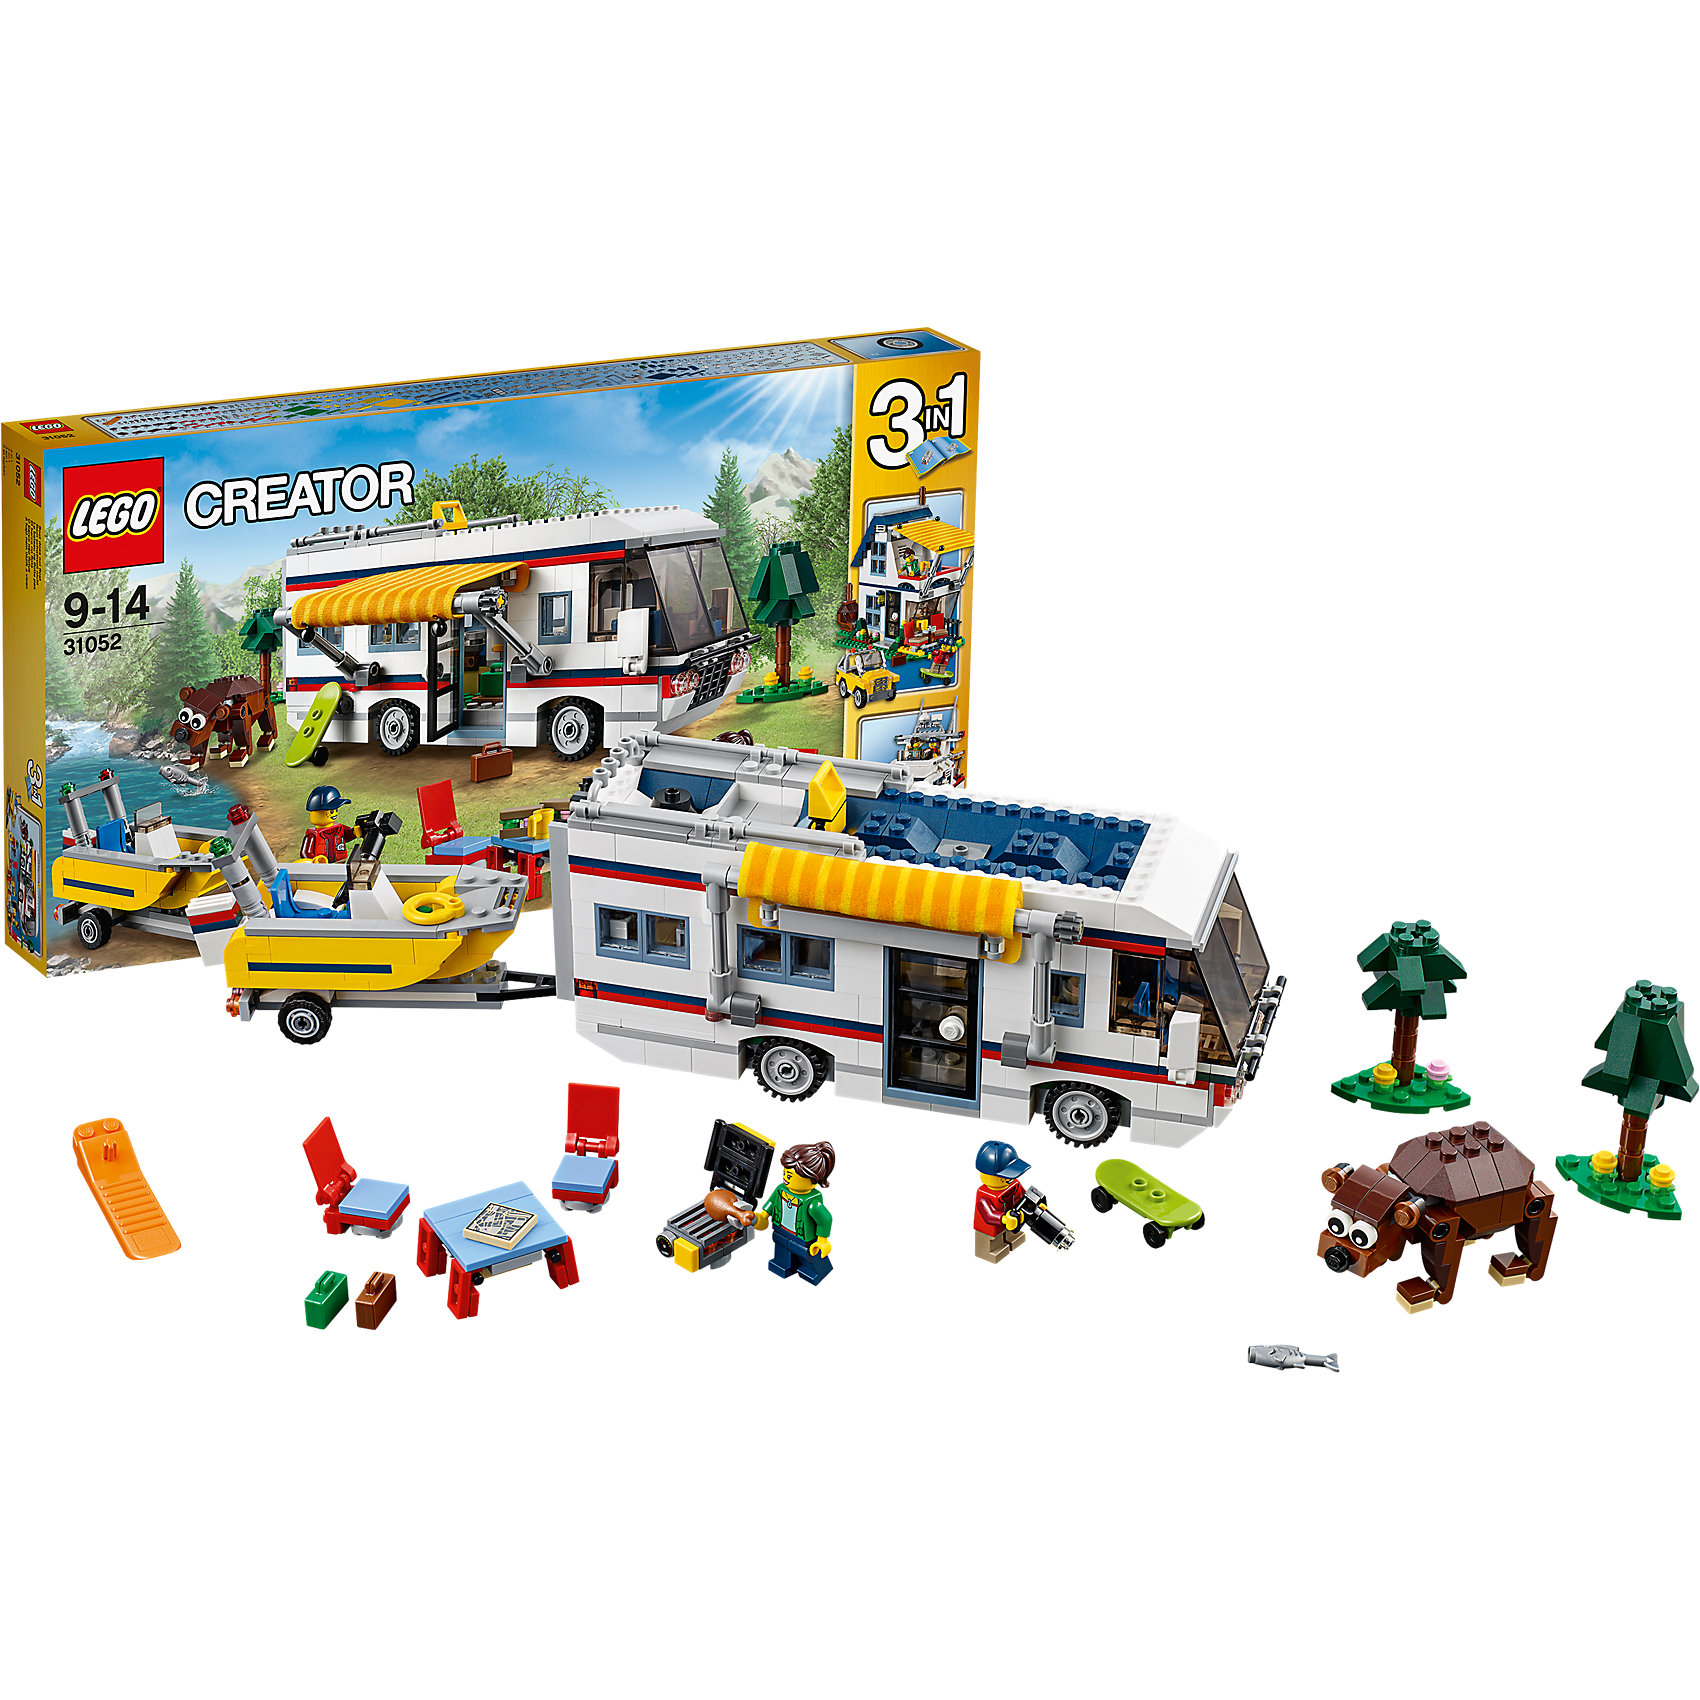 LEGO Creator 31052: КемпингИграть с конструктором обожает множество современных детей, поэтому набор Лего, из которого можно собрать дом на колесах, в котором будет роскошный интерьер с туалетом, складной кроватью, кухней, диваном и телевизором, обязательно обрадует ребенка. Такие игрушки помогают детям развивать воображение, мелкую моторику, логику и творческое мышление.<br>Набор состоит из фигурок людей и деталей, из которых получится дом на колесах. С таким комплектом можно придумать множество игр!<br><br>Дополнительная информация:<br><br>цвет: разноцветный;<br>размер коробки: 54 х 5,9 х 28,2 см;<br>вес: 1363 г;<br>материал: пластик;<br>количество деталей: 792.<br><br>Набор Маяк от бренда LEGO Creator можно купить в нашем магазине.<br><br>Ширина мм: 539<br>Глубина мм: 279<br>Высота мм: 60<br>Вес г: 1382<br>Возраст от месяцев: 108<br>Возраст до месяцев: 168<br>Пол: Унисекс<br>Возраст: Детский<br>SKU: 4641190